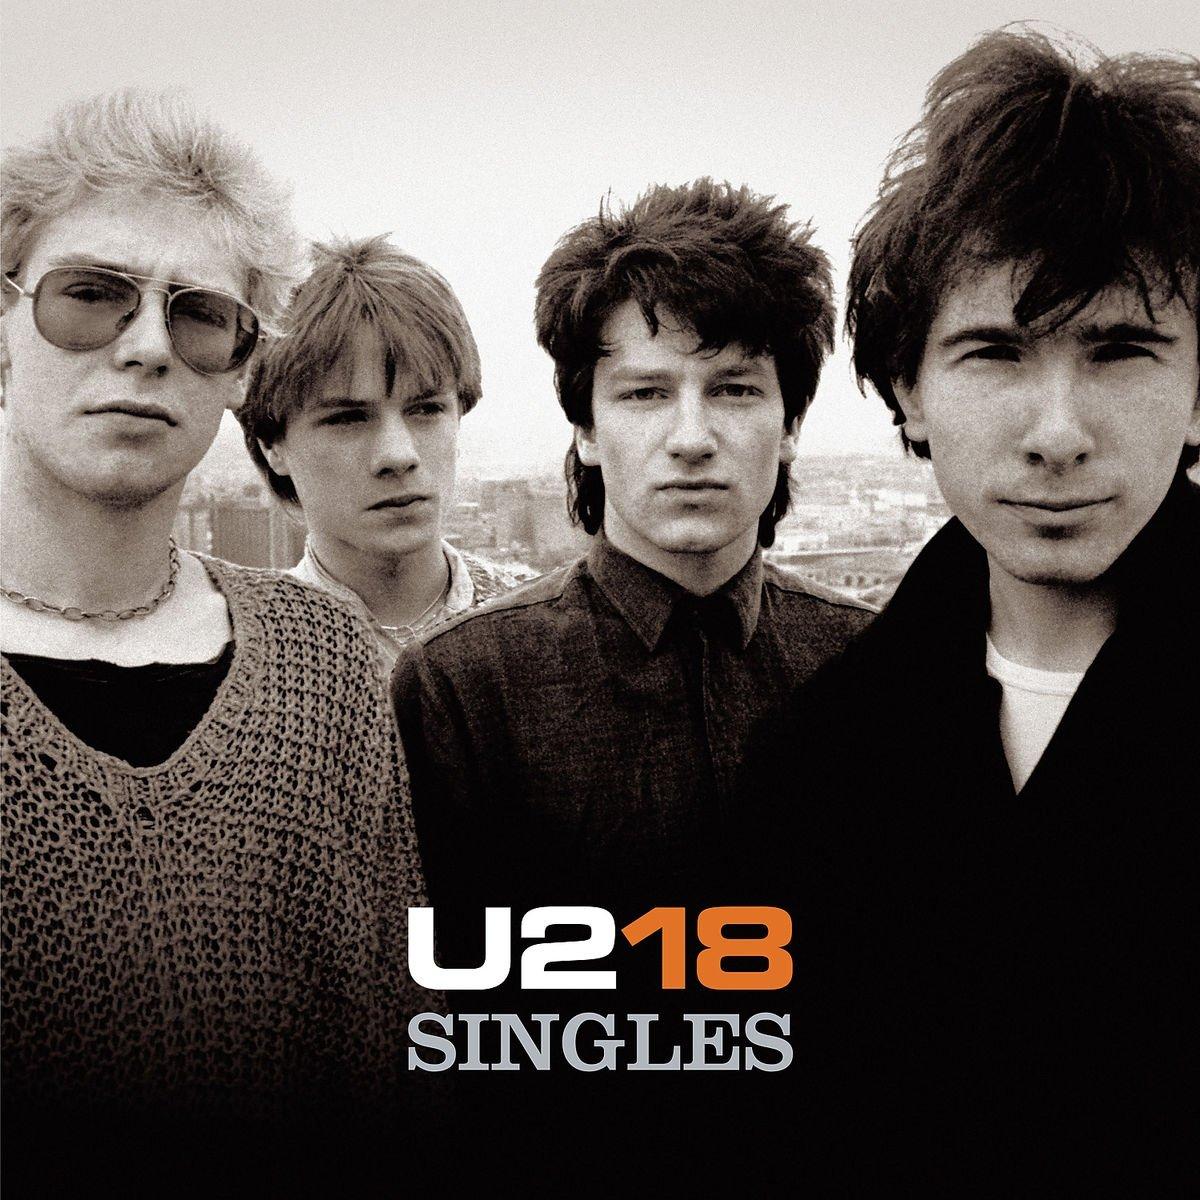 Vinilo : U2 - U218 Singles (2 Disc)